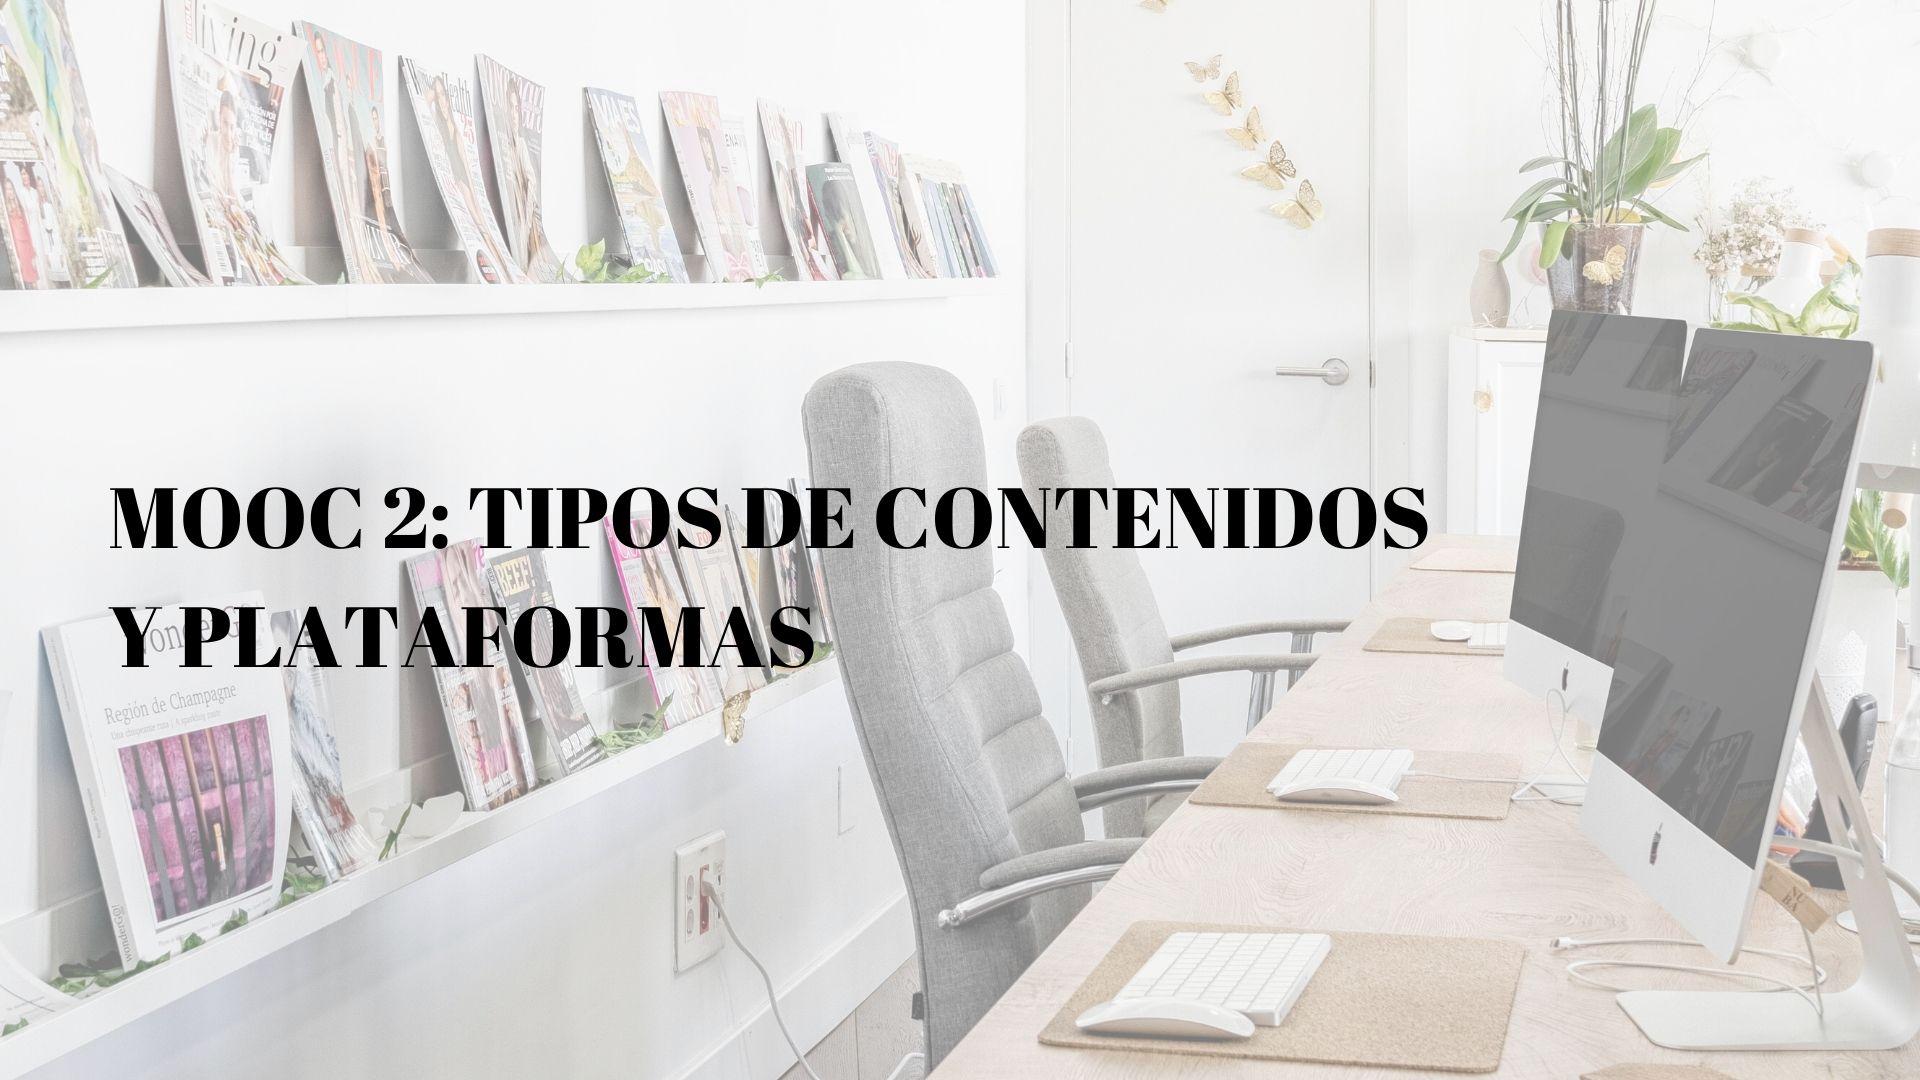 MOOC 2_ TIPOS DE CONTENIDOS Y PLATAFORMAS-2